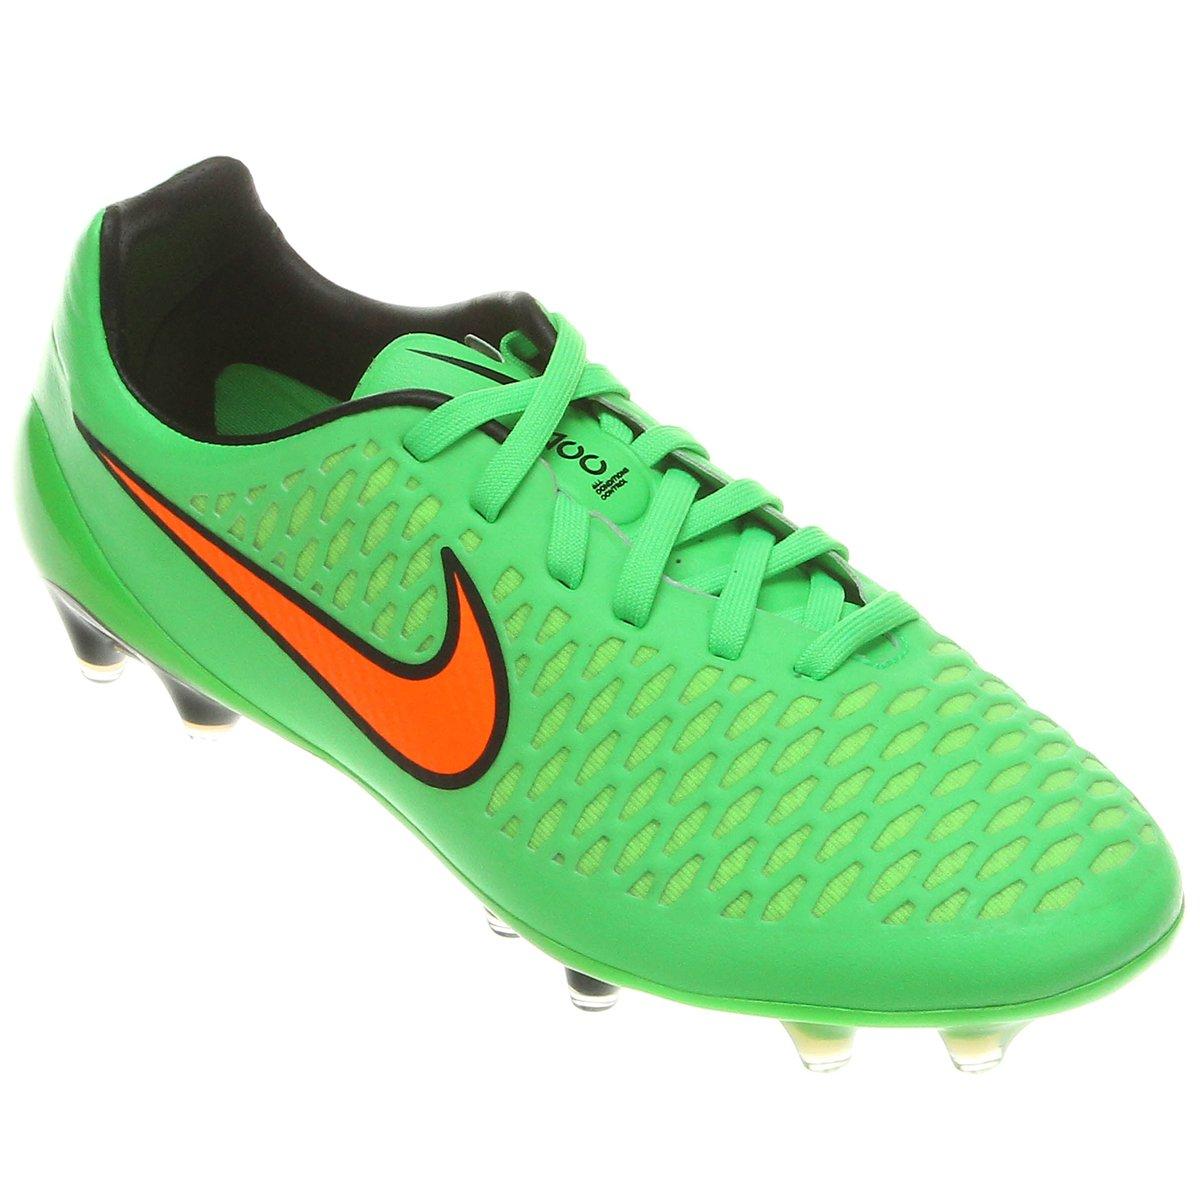 Chuteira Nike Magista Opus FG Campo - Compre Agora  ed64645fe4445